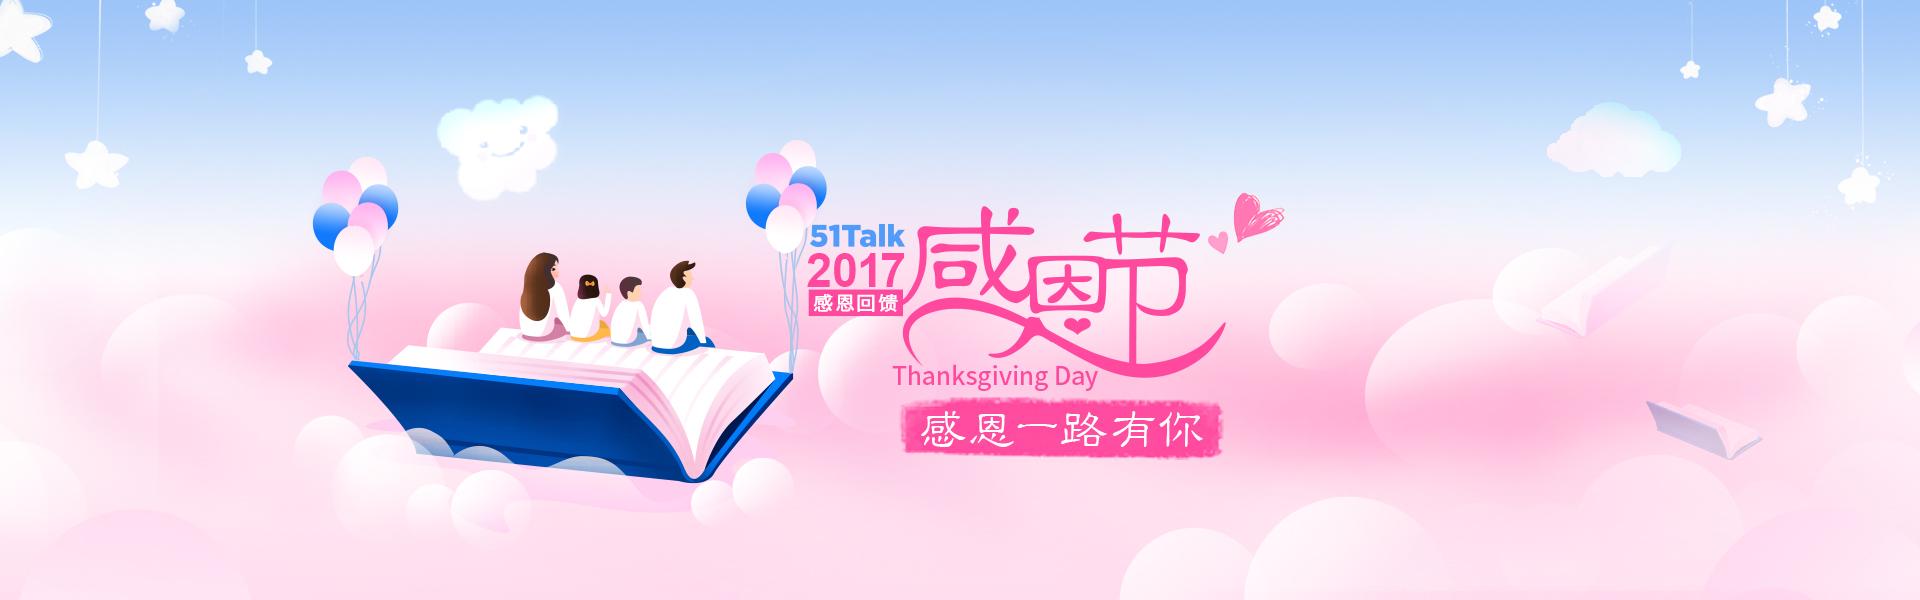 2017年感恩节,51talk感恩一路有你